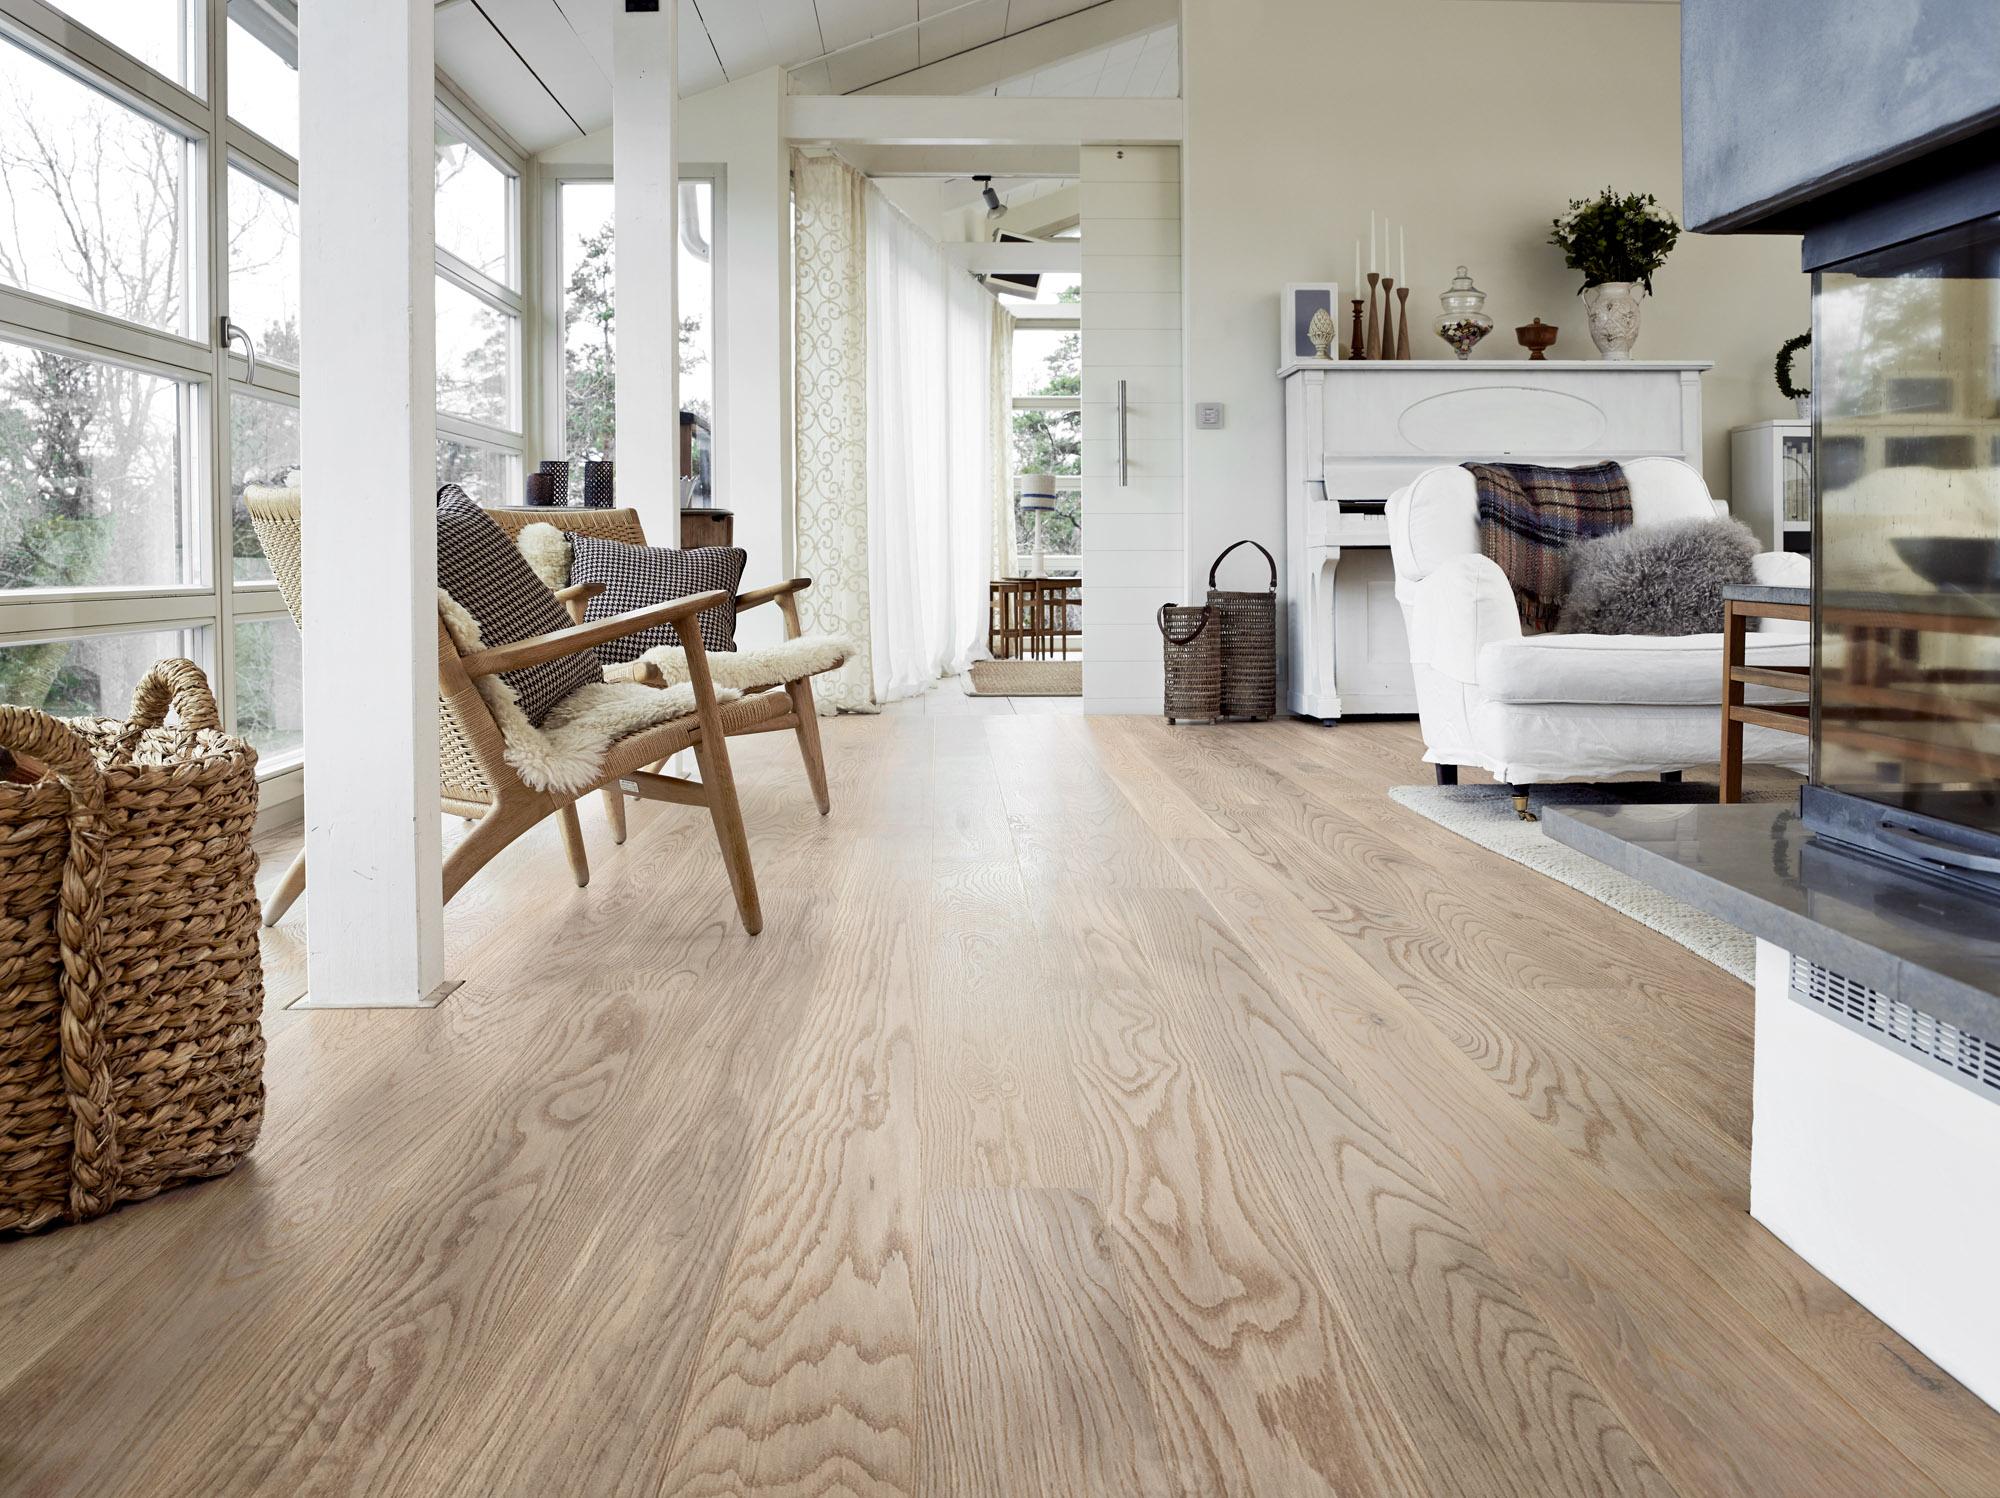 caracteristici specii lemn folosite pentru parchet